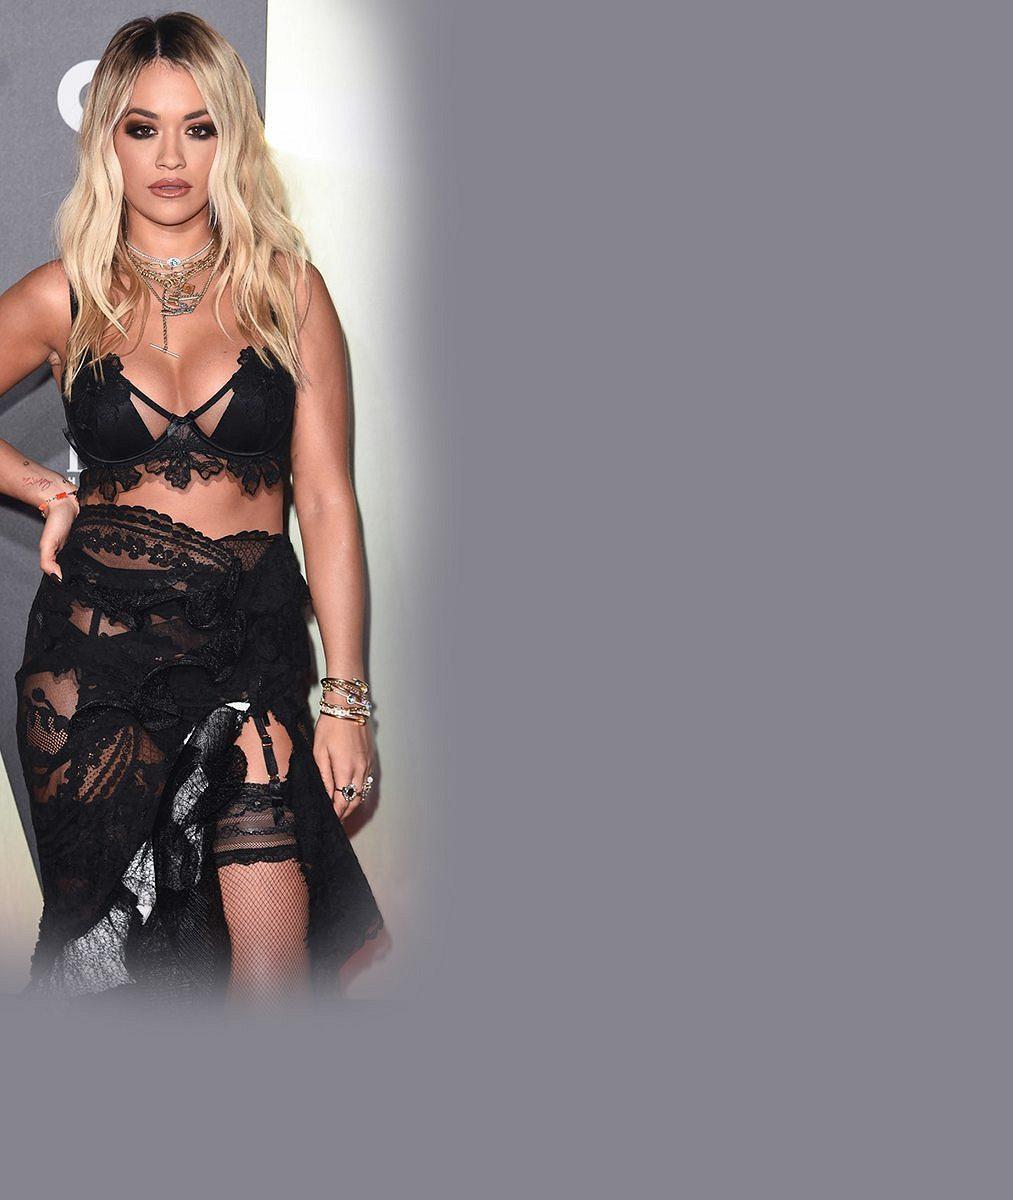 Blonďatá zpěvačka odhodila podprsenku aukázala se jen vkrátkém průhledném tričku